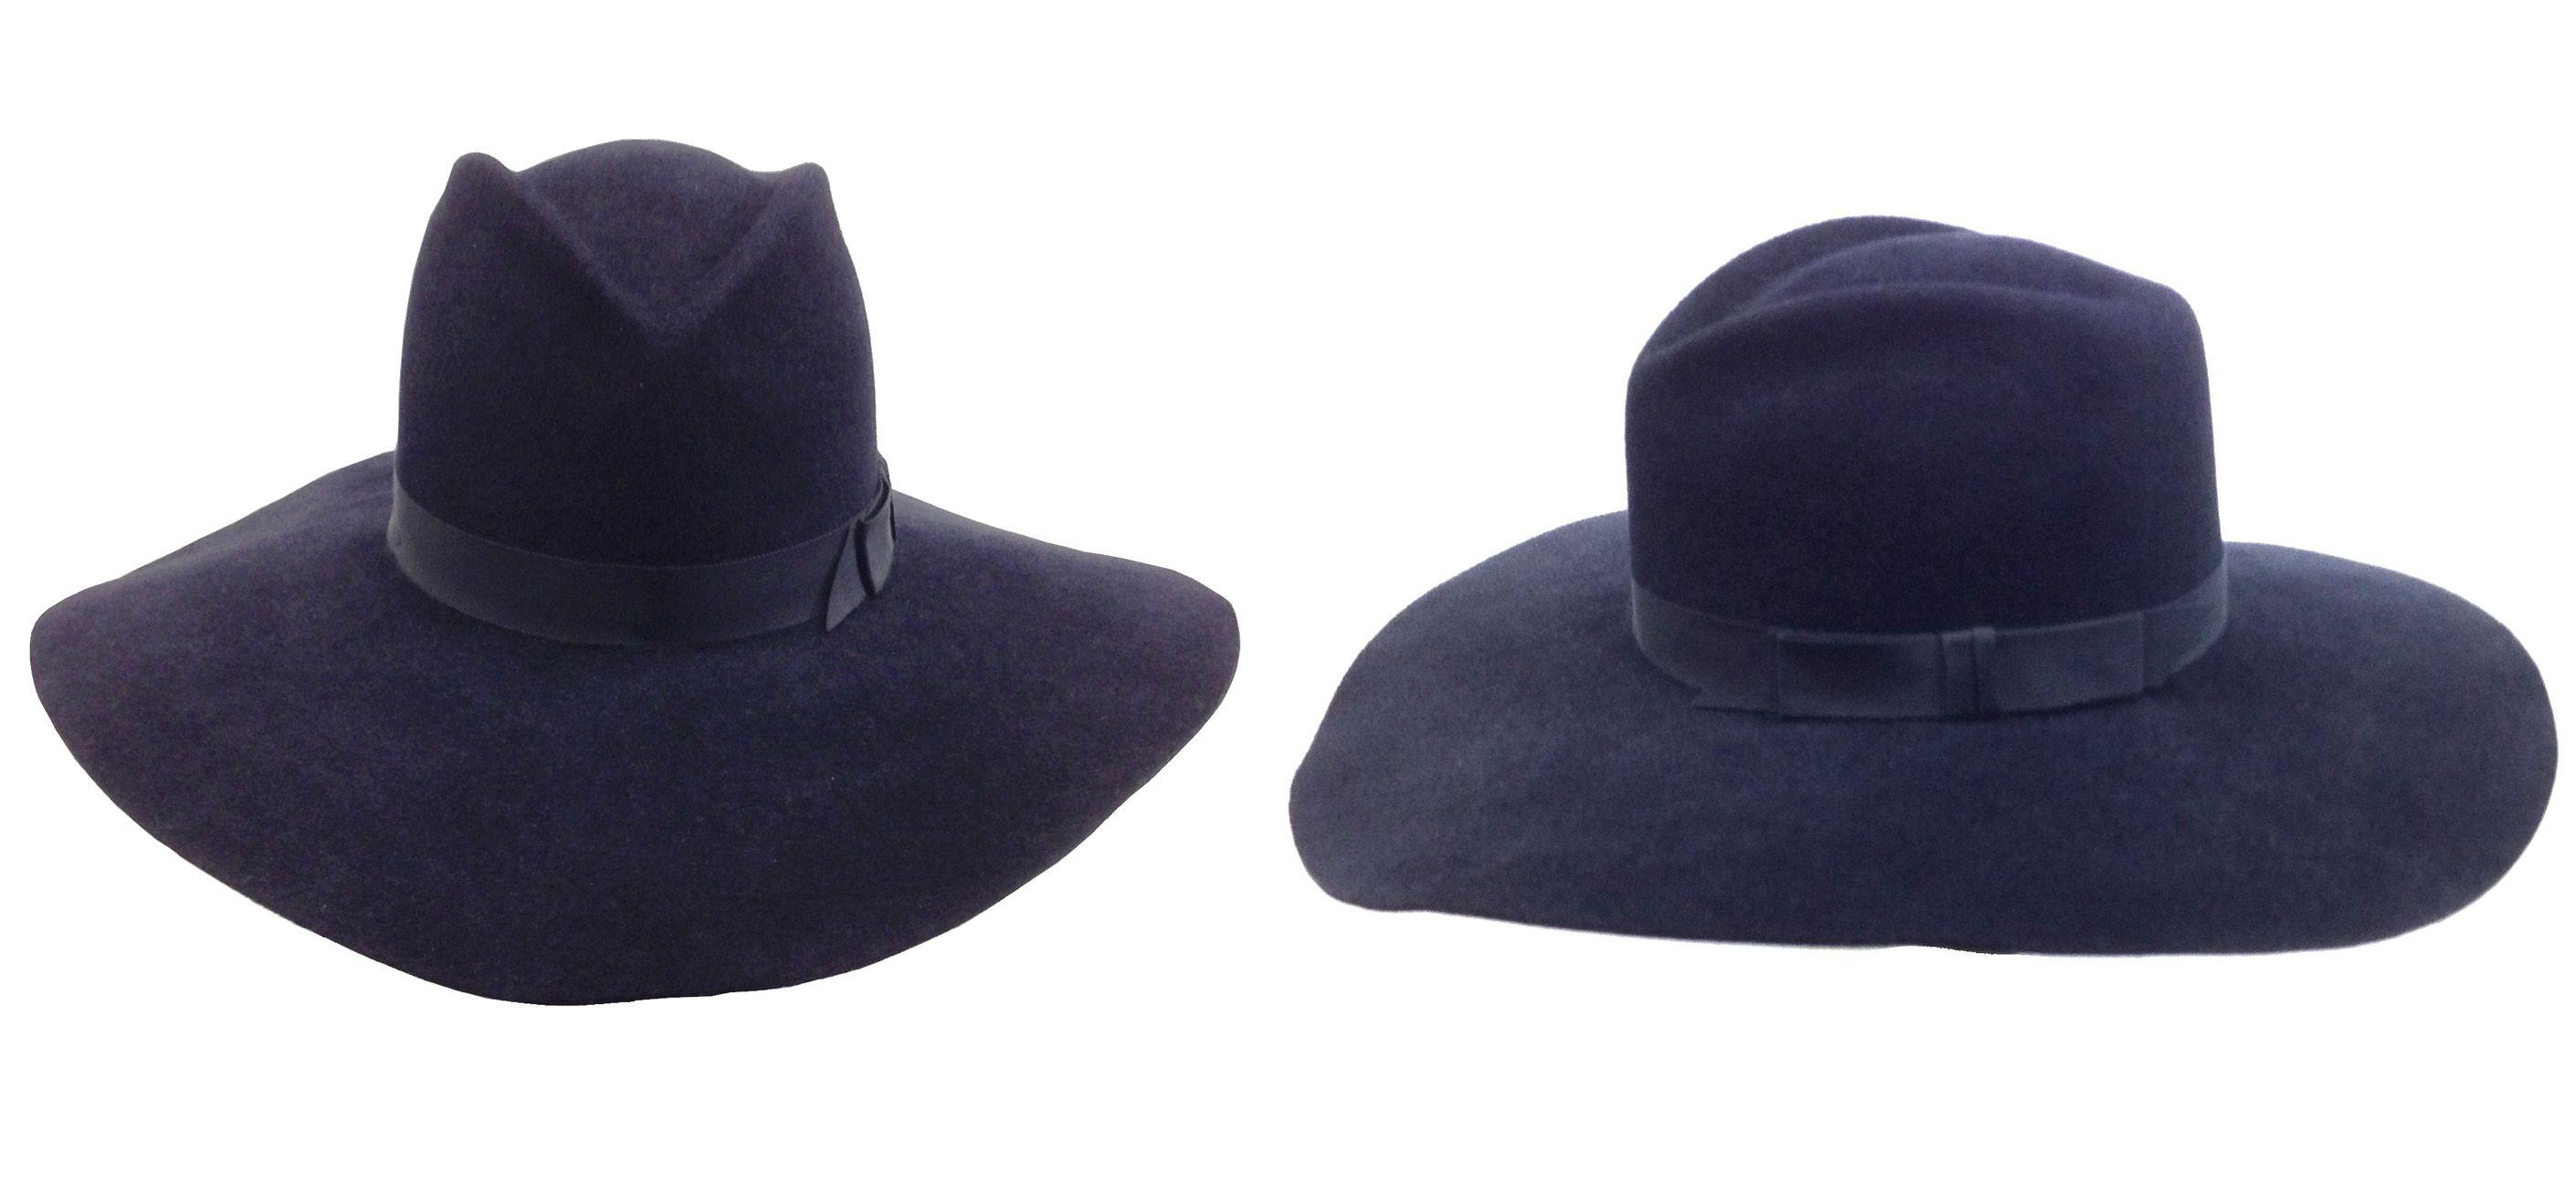 49761867868f6 Gladys Tamez Millinery. hats. http   www.gladystamez.com